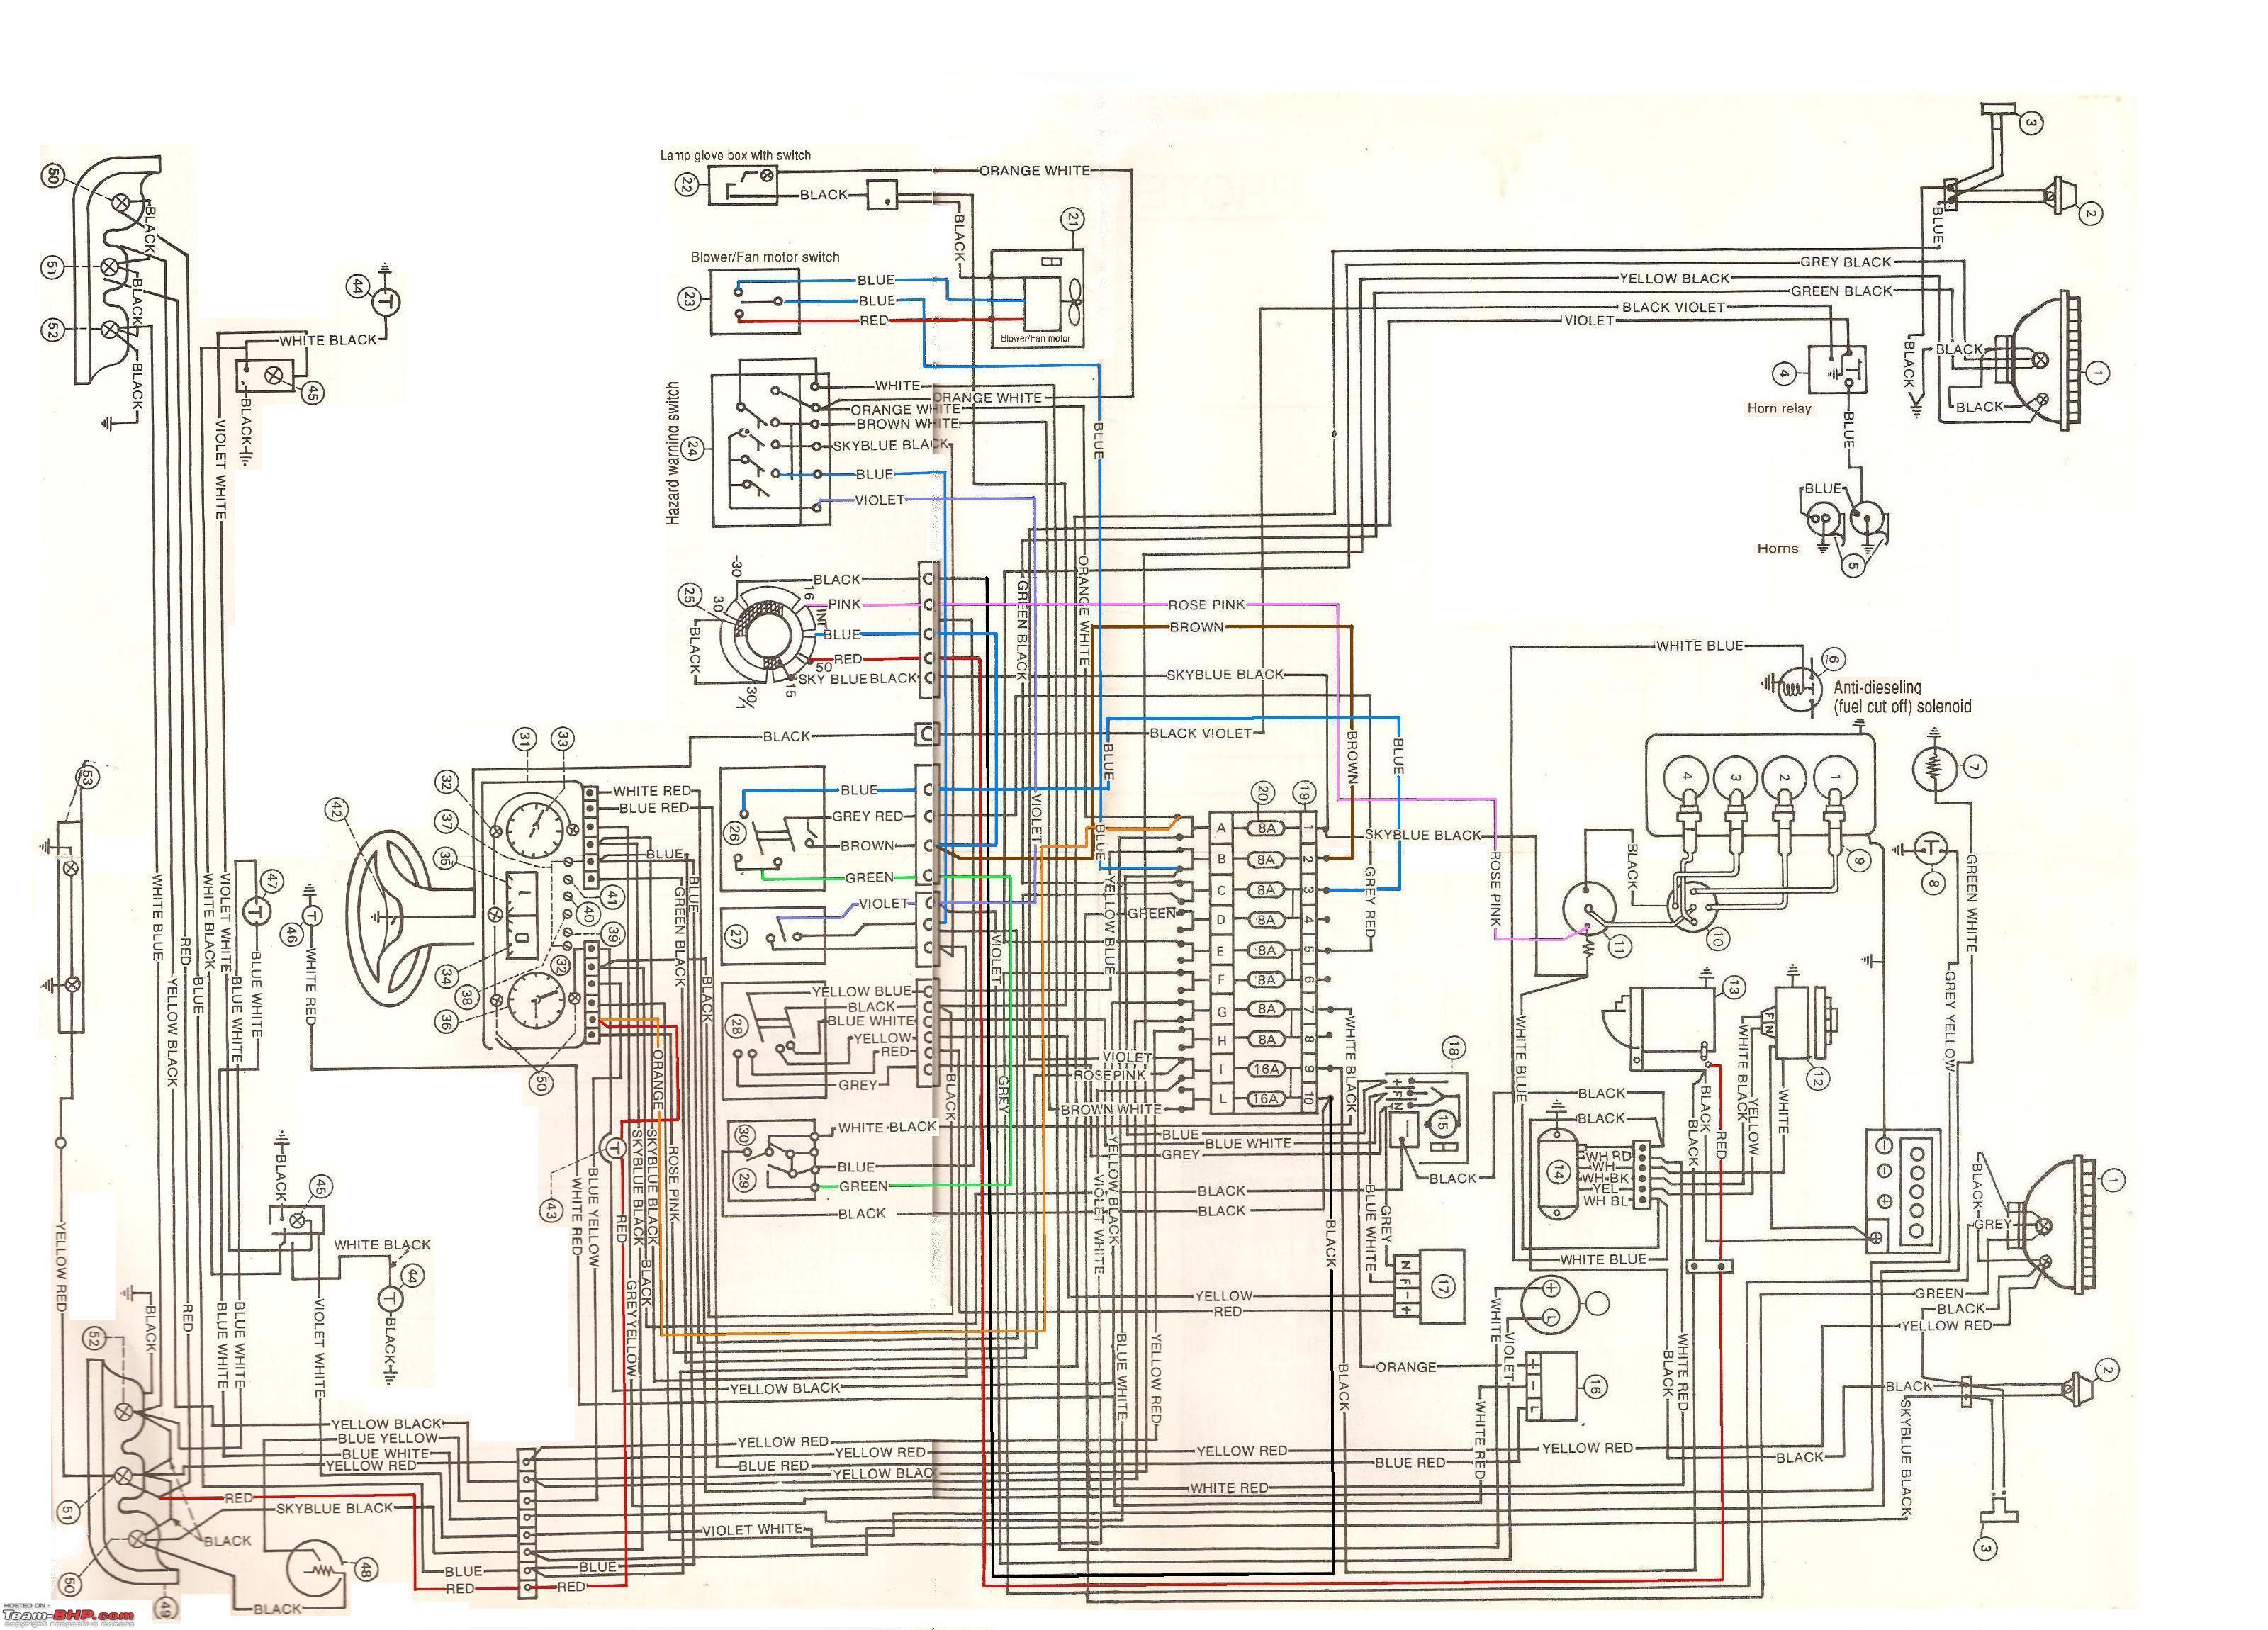 Maruti Suzuki Zen Wiring Diagram - Wiring Diagram SchemesWiring Diagram Schemes - Mein-Raetien